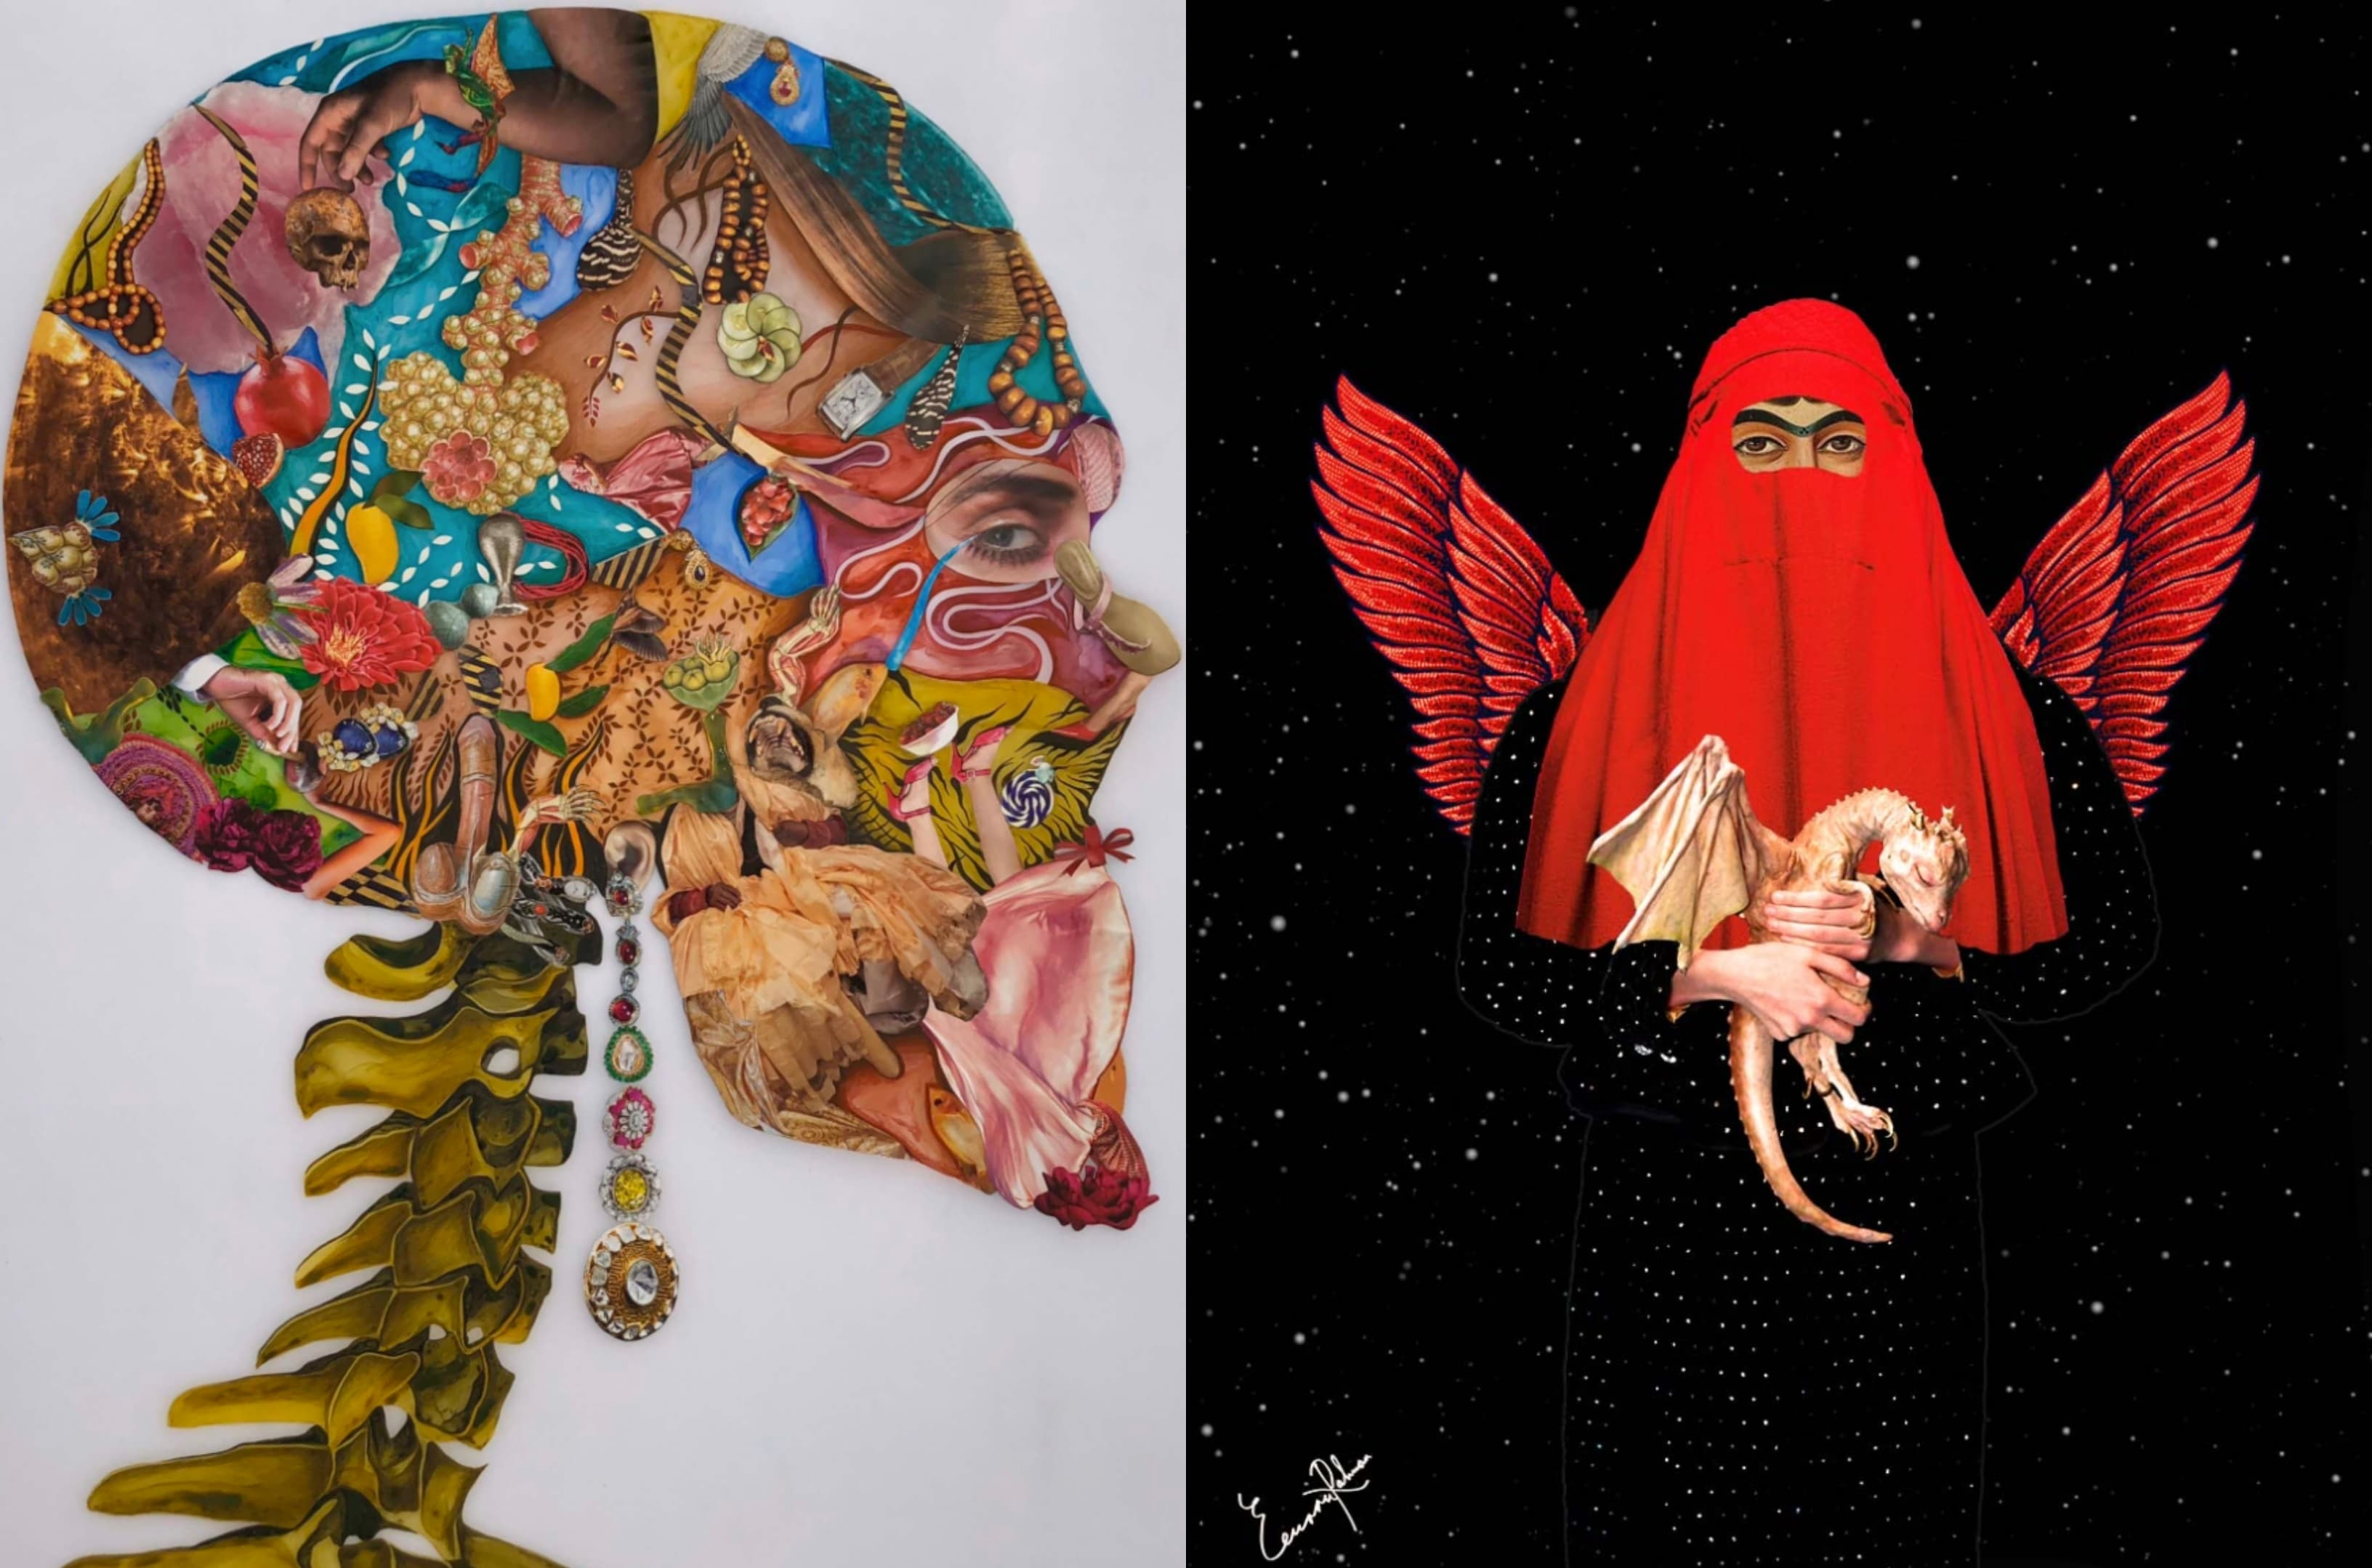 *In My Head* by Haya Zaidi and *Dragonlady of Qajar* by Eemaan Rahman